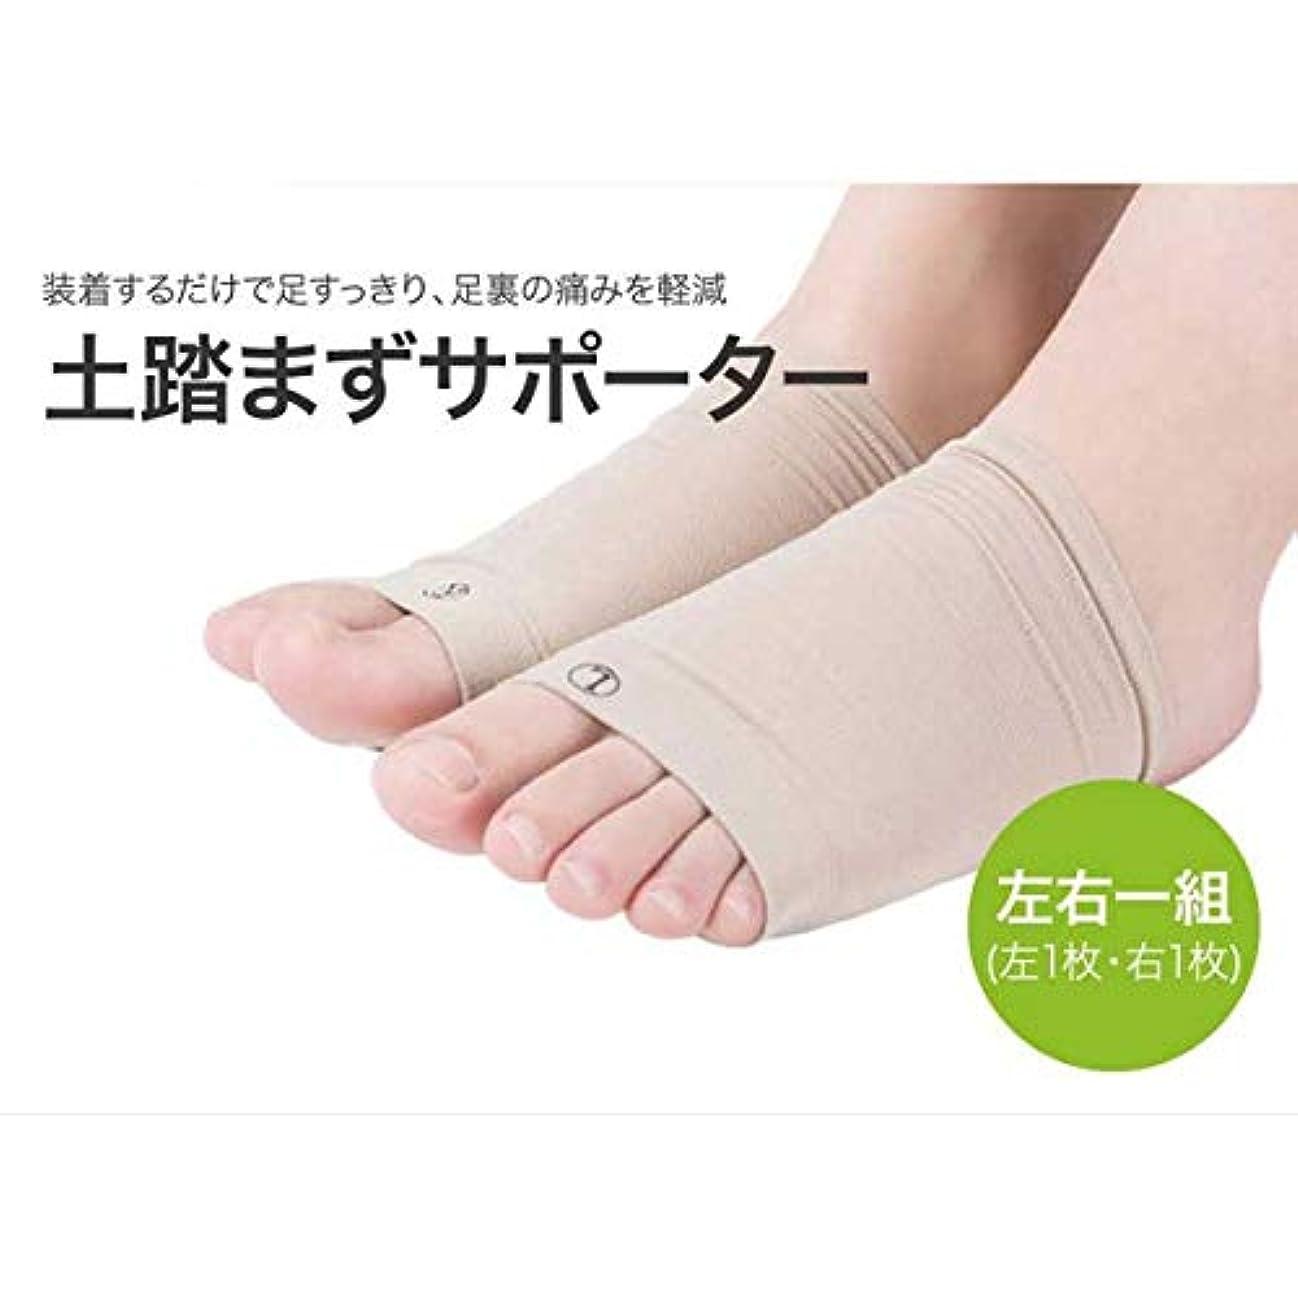 もっともらしい版幾何学土踏まずサポーター 左右1組セット 偏平足 シリコン 足底筋膜炎 足底腱膜炎 痛み だるさ 足底筋膜 足裏 アーチ サポート